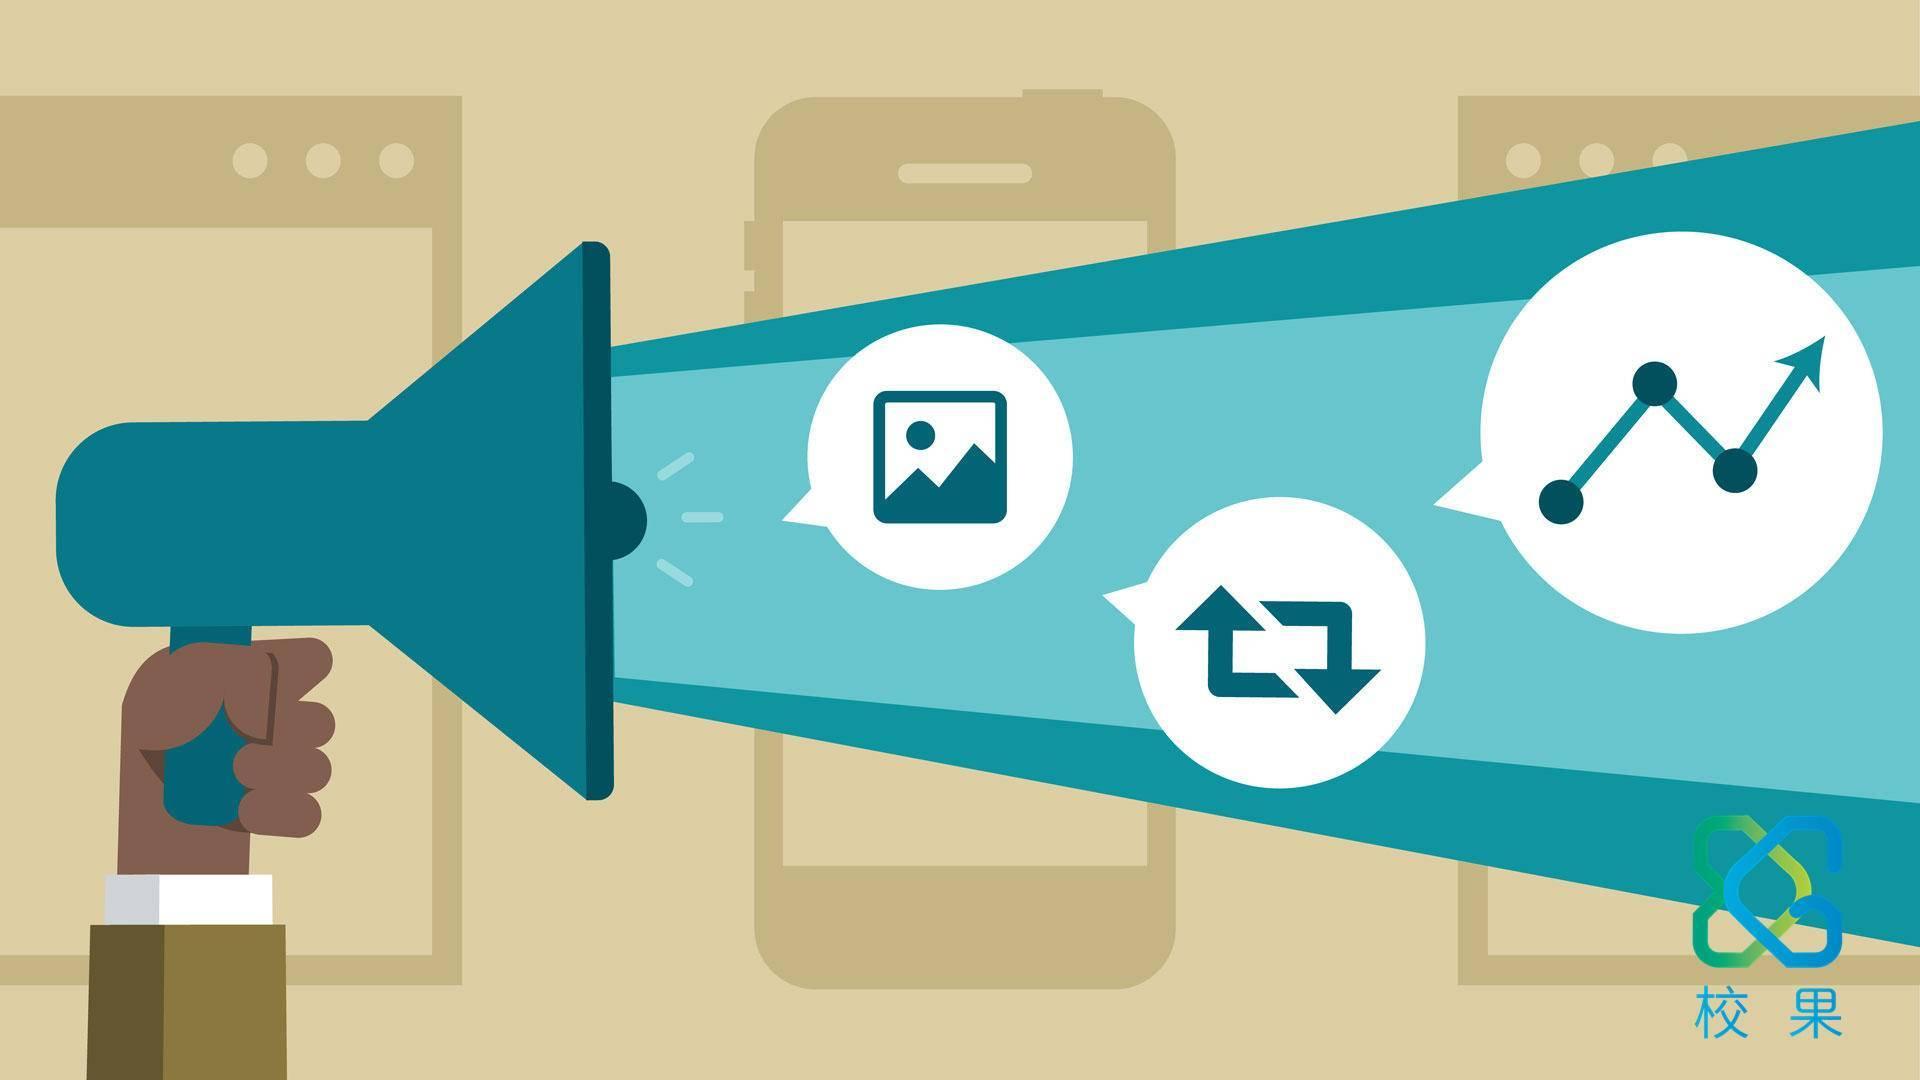 品牌营销指的是什么?其意义又是什么?